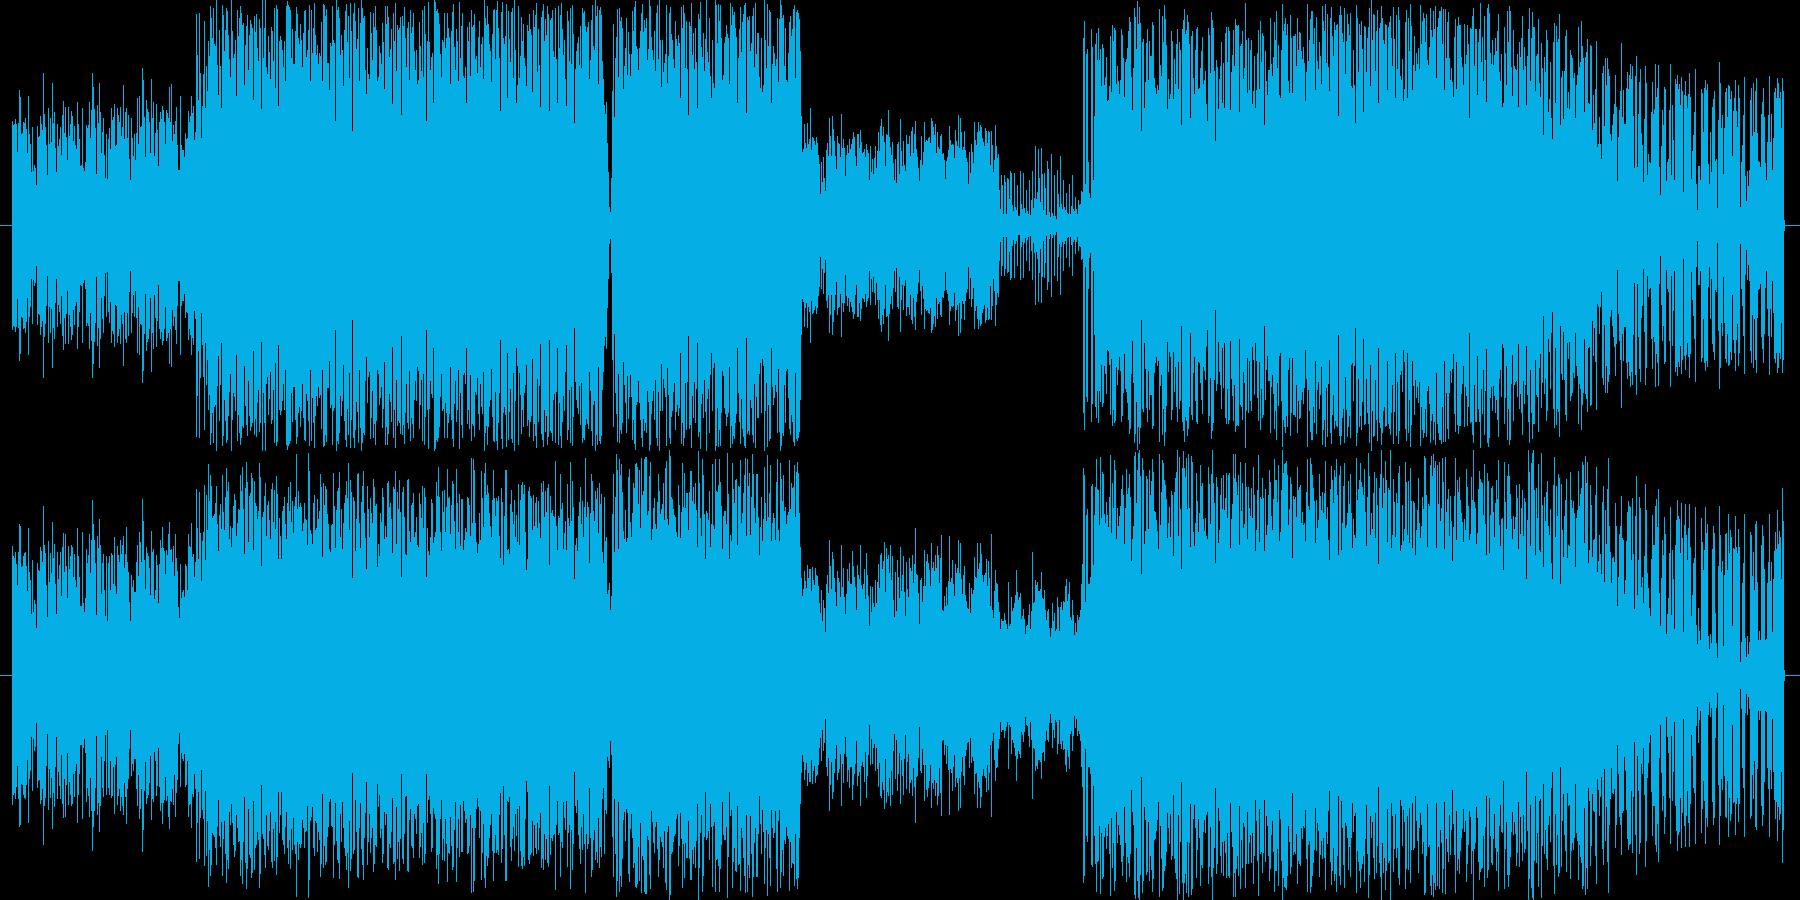 幻想的なインストHIPHOPの再生済みの波形